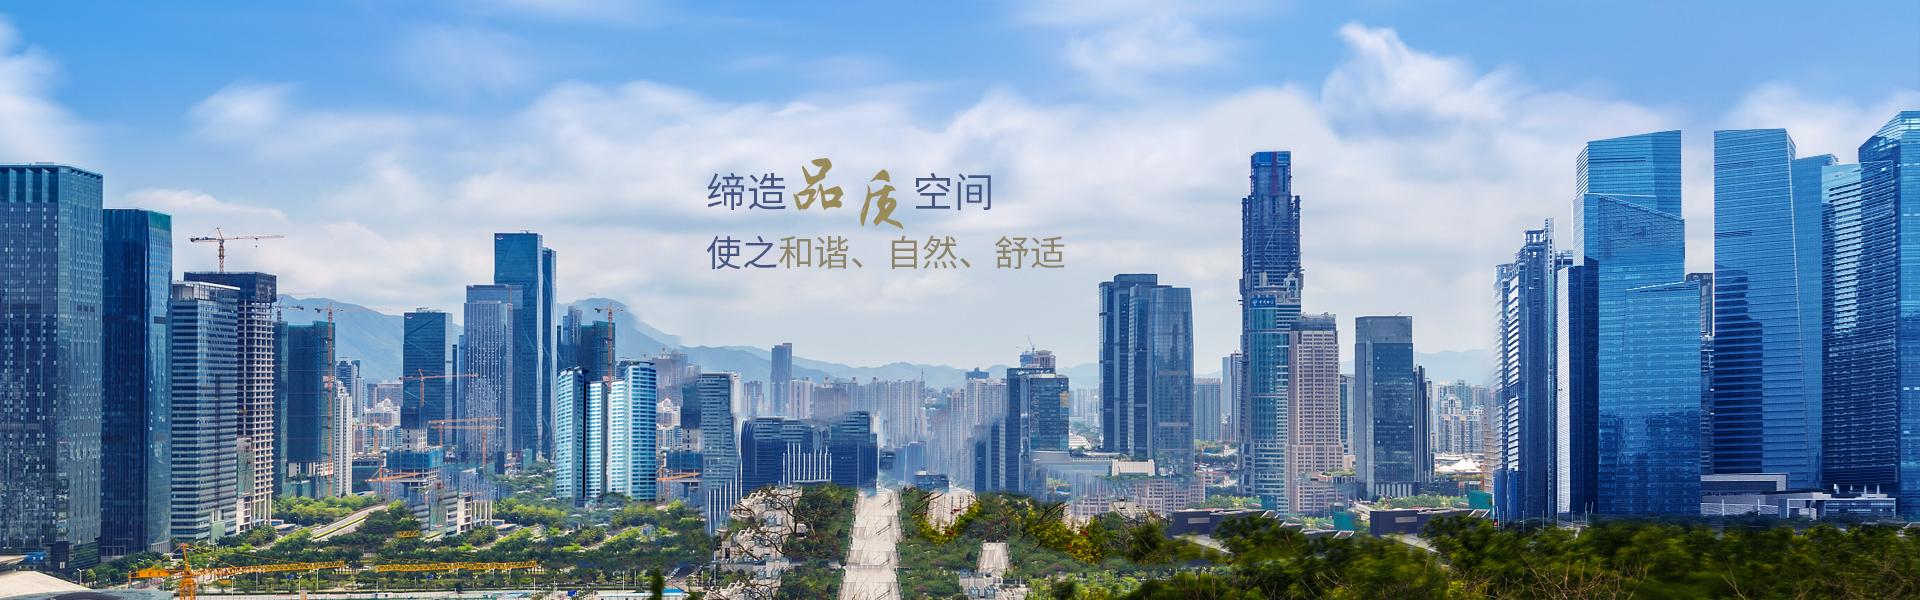 雷火电竞创展banner01